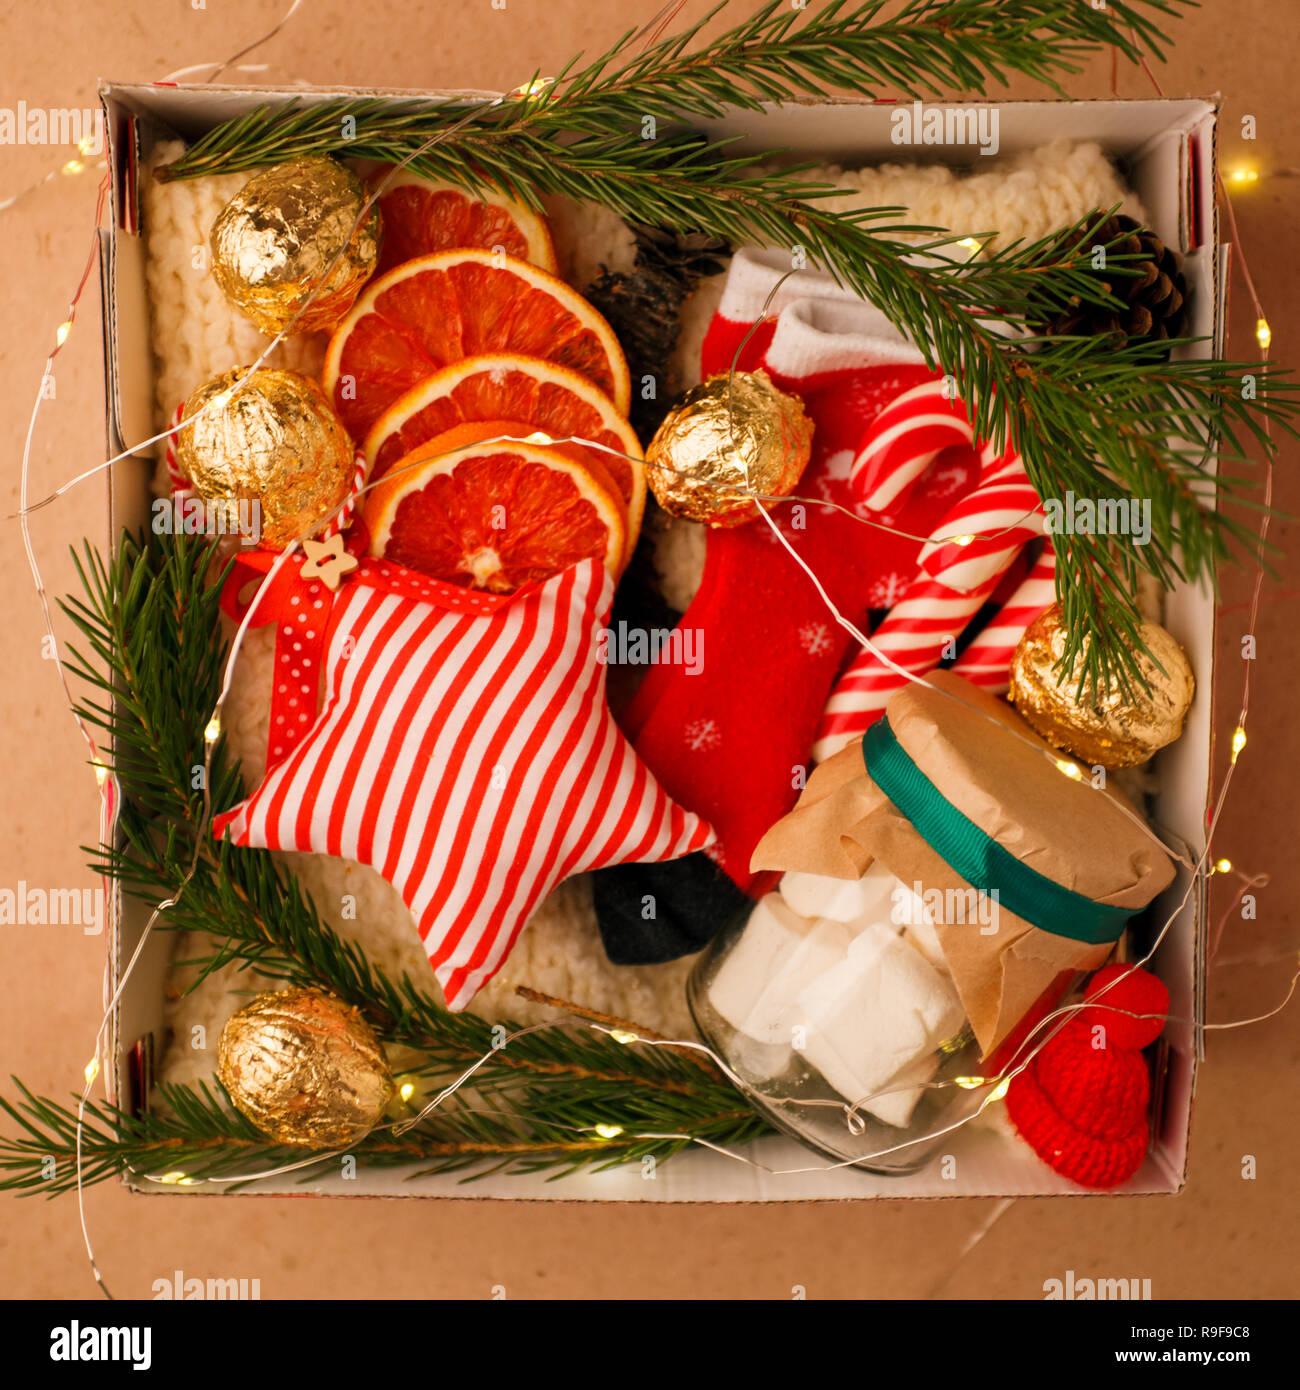 Un cuadro personalizado con regalos para Navidad y Año Nuevo, un conjunto de cosas lindas, dulces tradicionales y decoración, una idea sencilla para un buen regalo para la familia Imagen De Stock